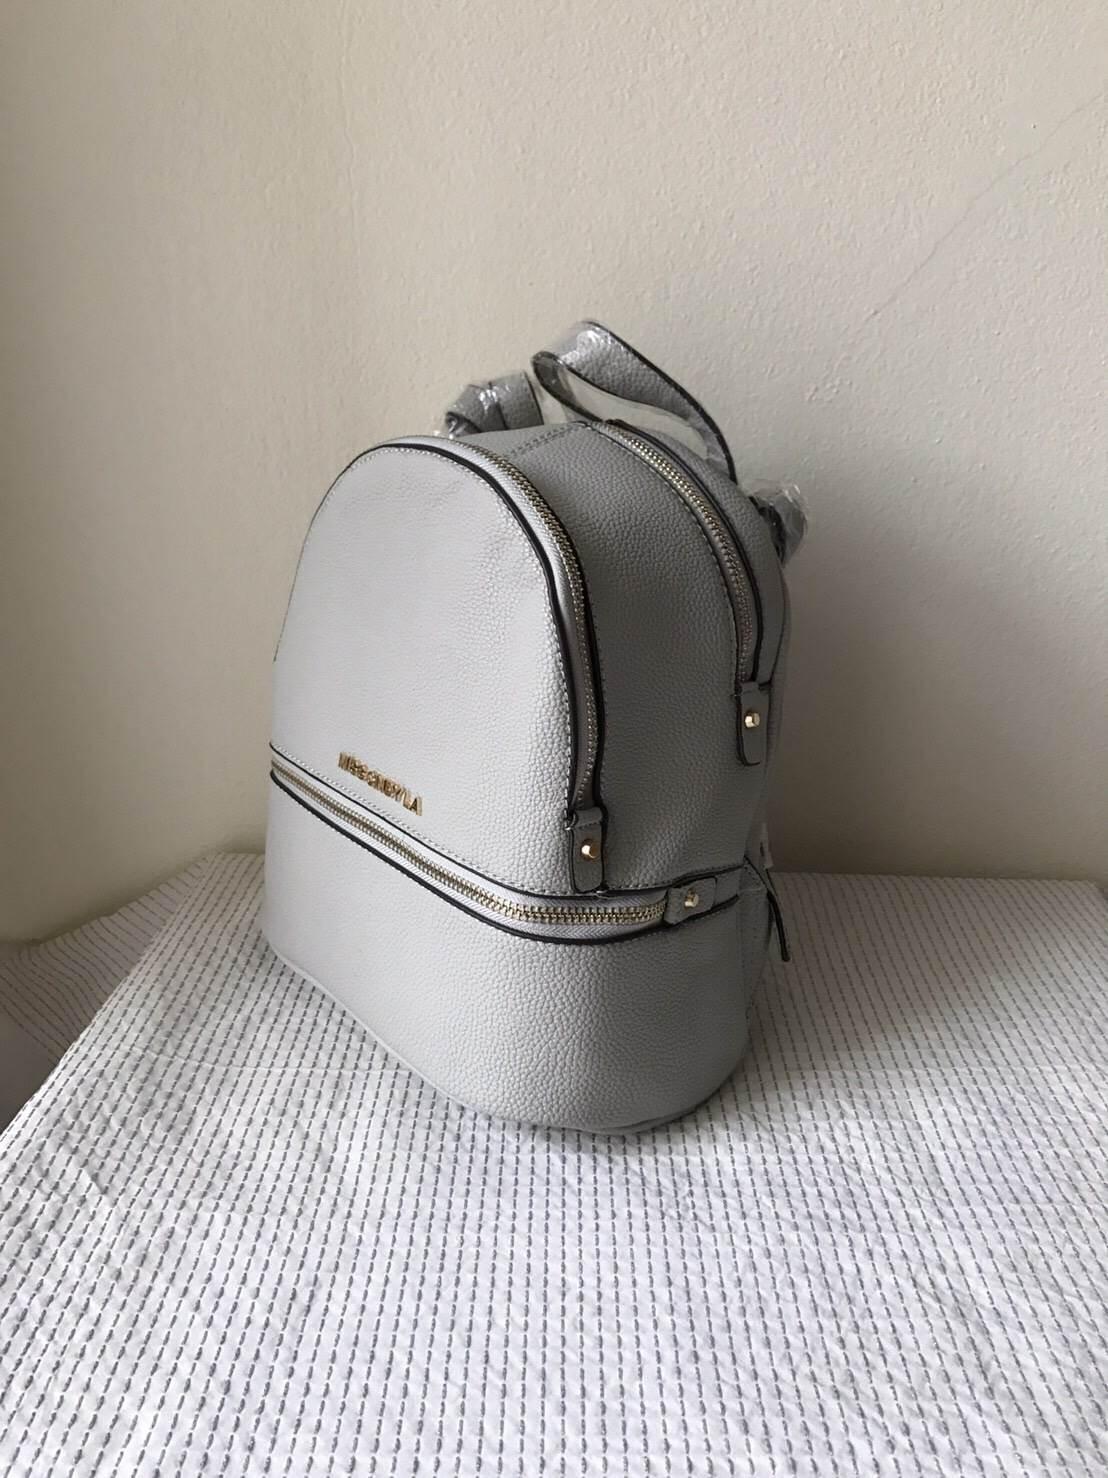 กระเป๋า La Chapella Mini back pack ราคา 990 บาท Free Ems